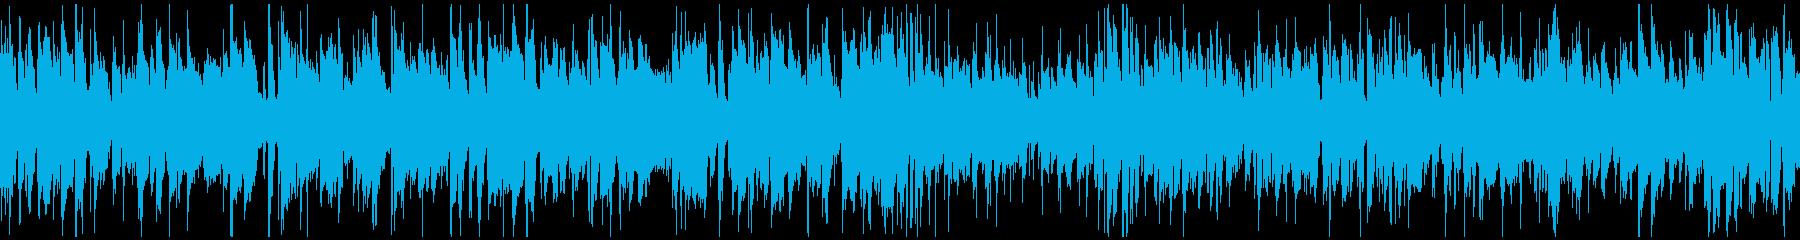 バラエティ、カジノ系のジャズ ※ループ版の再生済みの波形